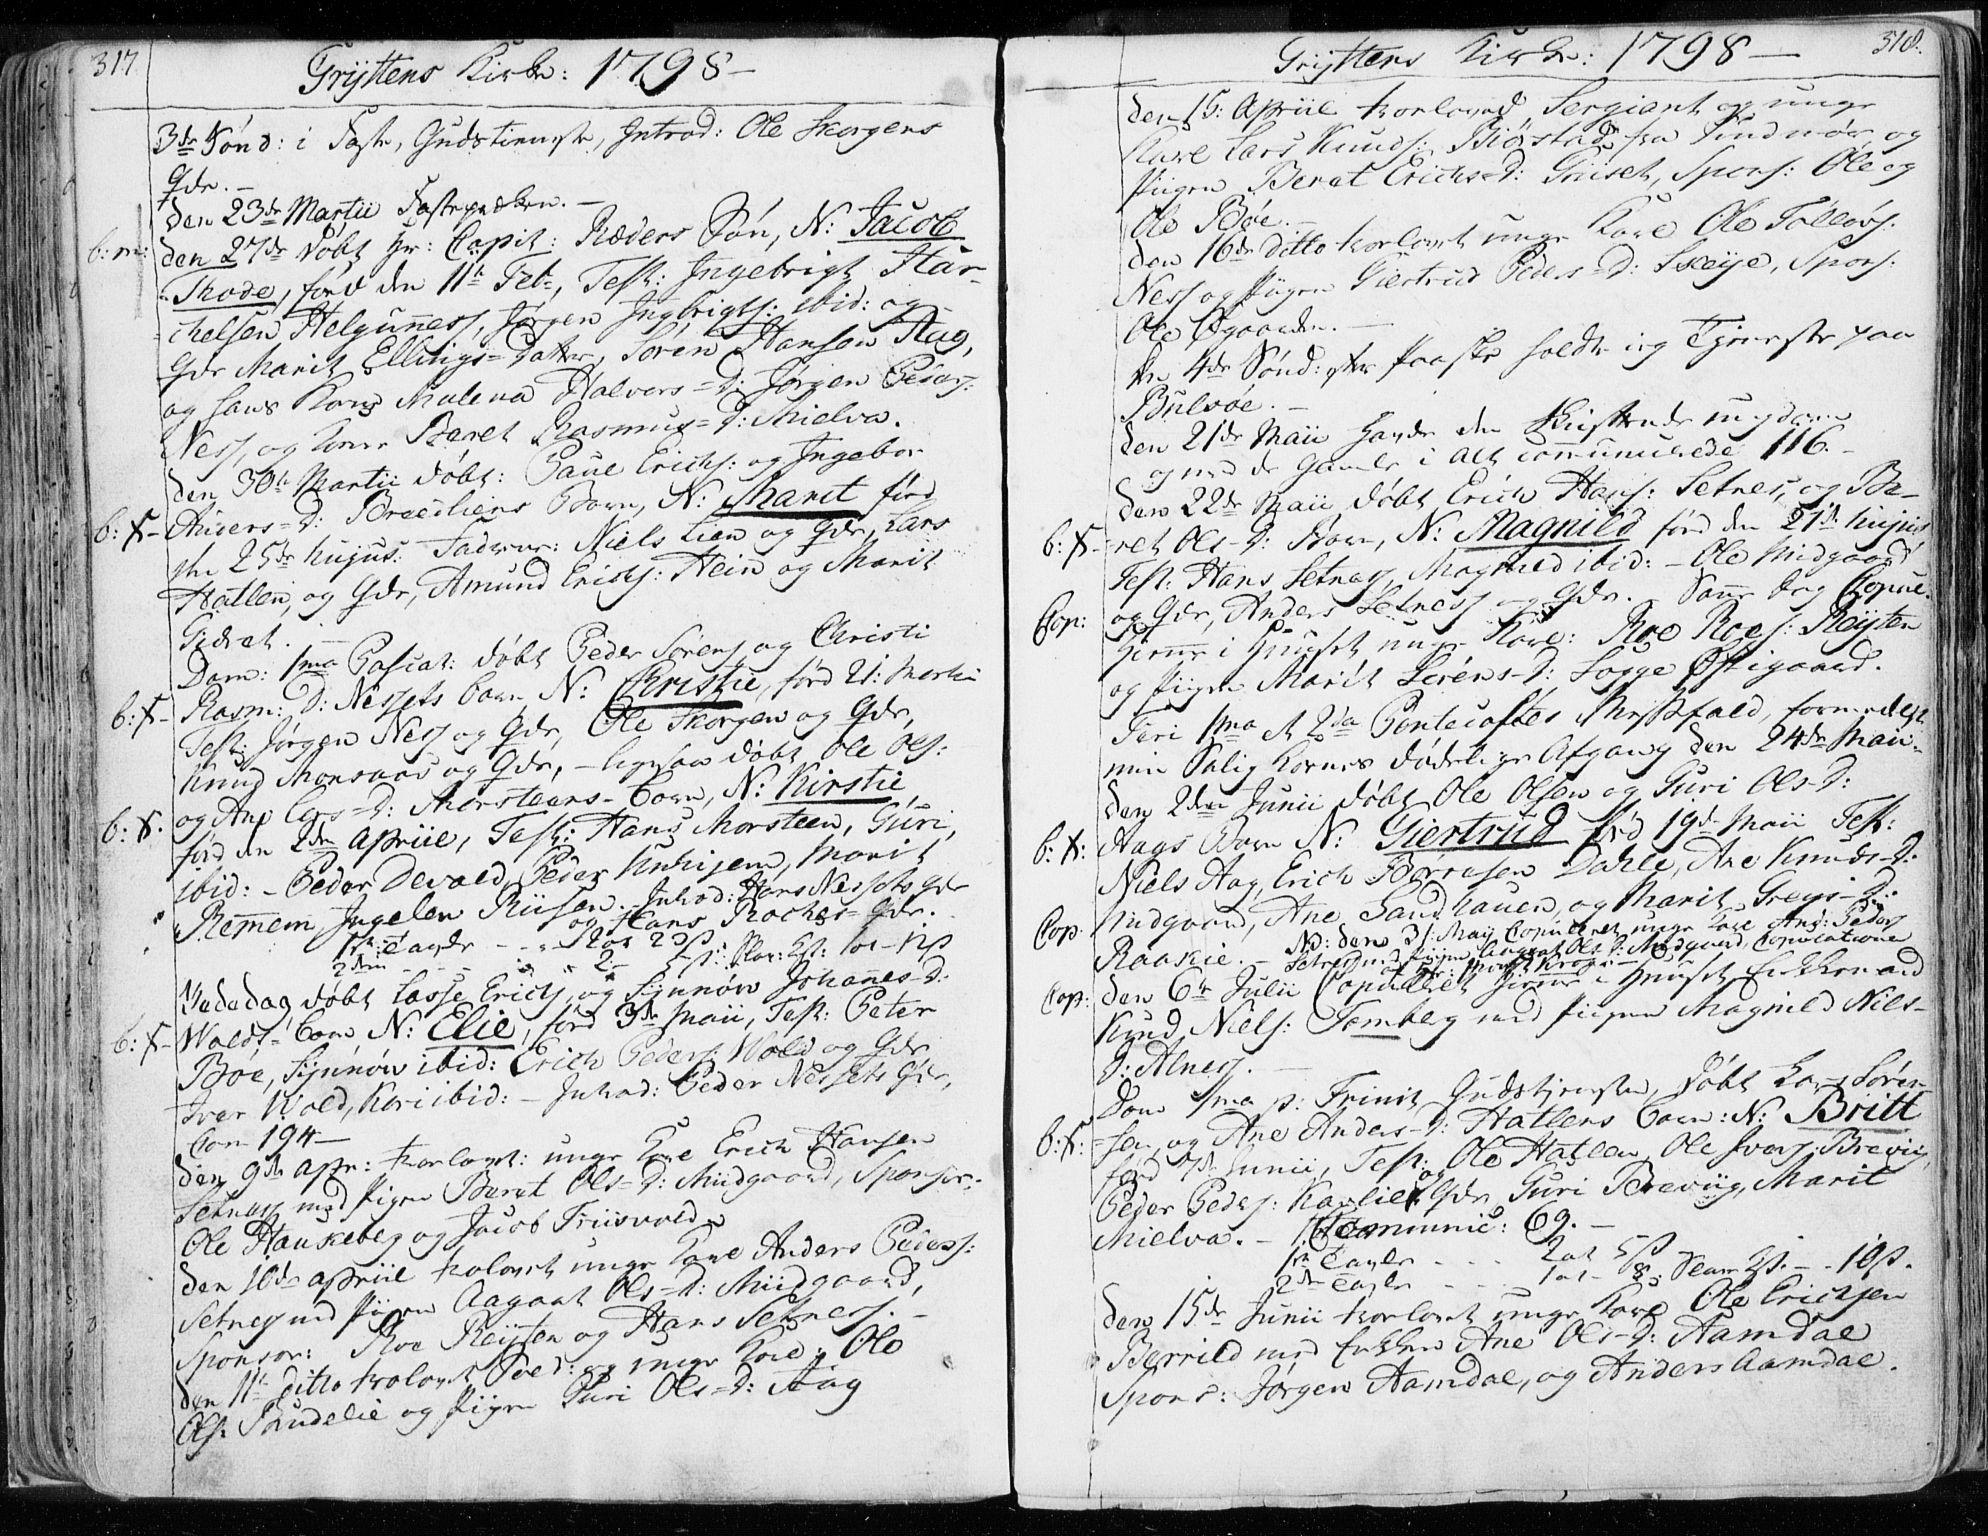 SAT, Ministerialprotokoller, klokkerbøker og fødselsregistre - Møre og Romsdal, 544/L0569: Ministerialbok nr. 544A02, 1764-1806, s. 317-318